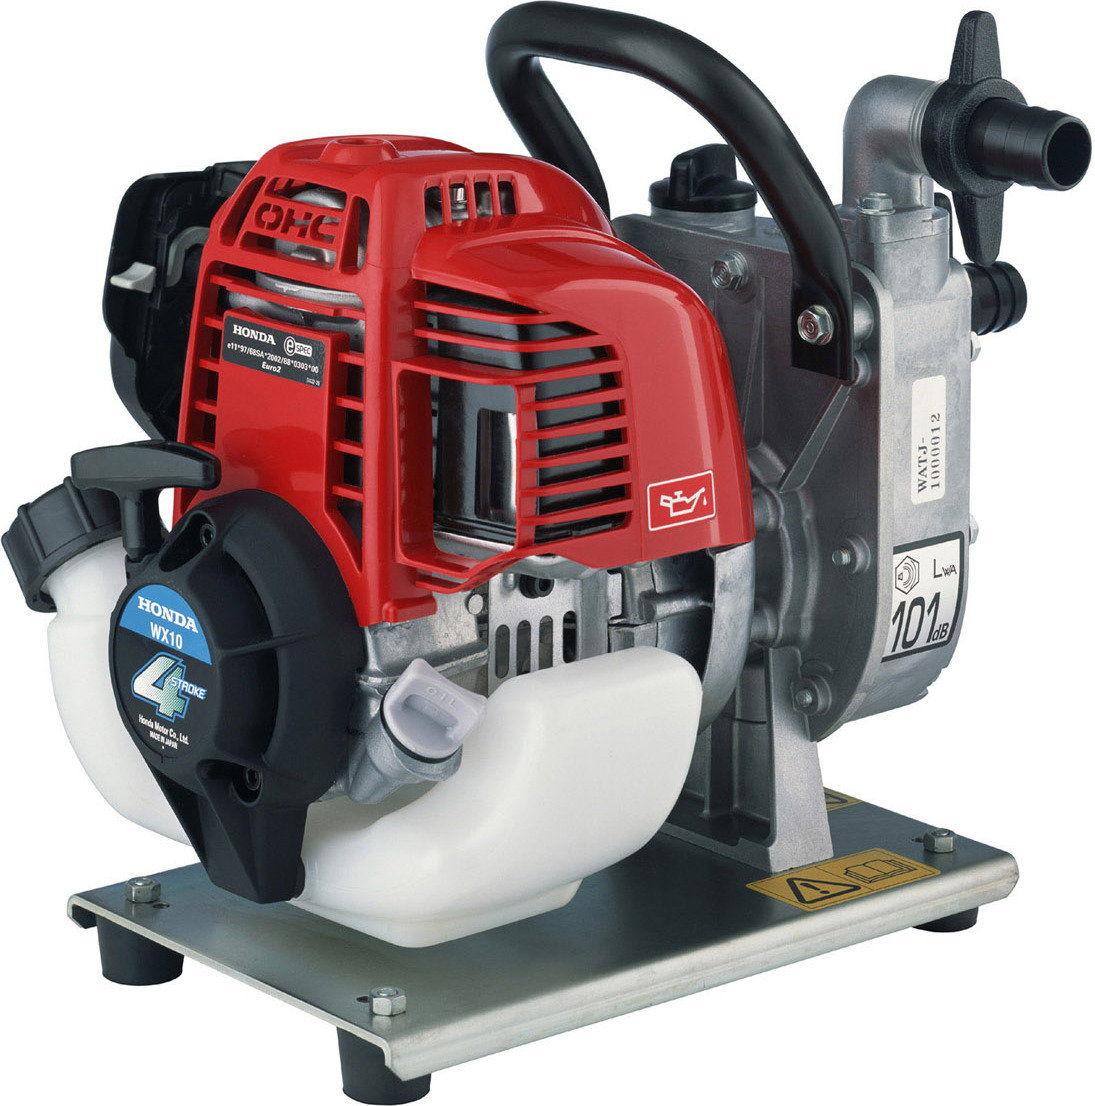 Honda Pompa wody WX 15 I Raty 10 x 0% Dostawa 0 zł Dostępny 24H Dzwoń i negocjuj cenę Gwarancja do 5 lat Olej 10w-30 gratis tel. 22 266 04 50 (Wa-wa)